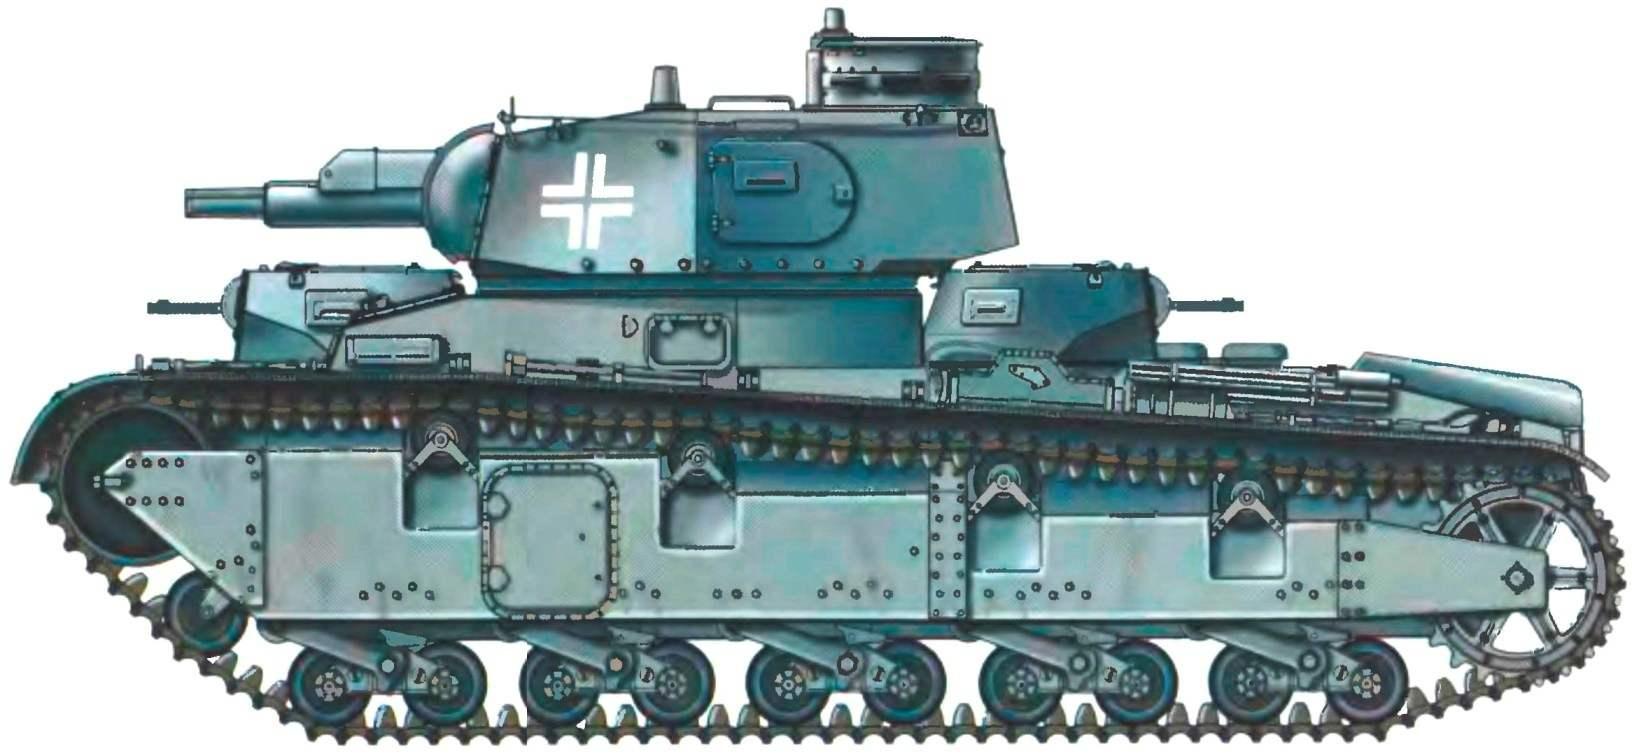 Серийный танк Nb.Fz. из состава 40-го отдельного танкового батальона специального назначения (Pz.Abt.z.b.V.40). Норвегия, 1940 год